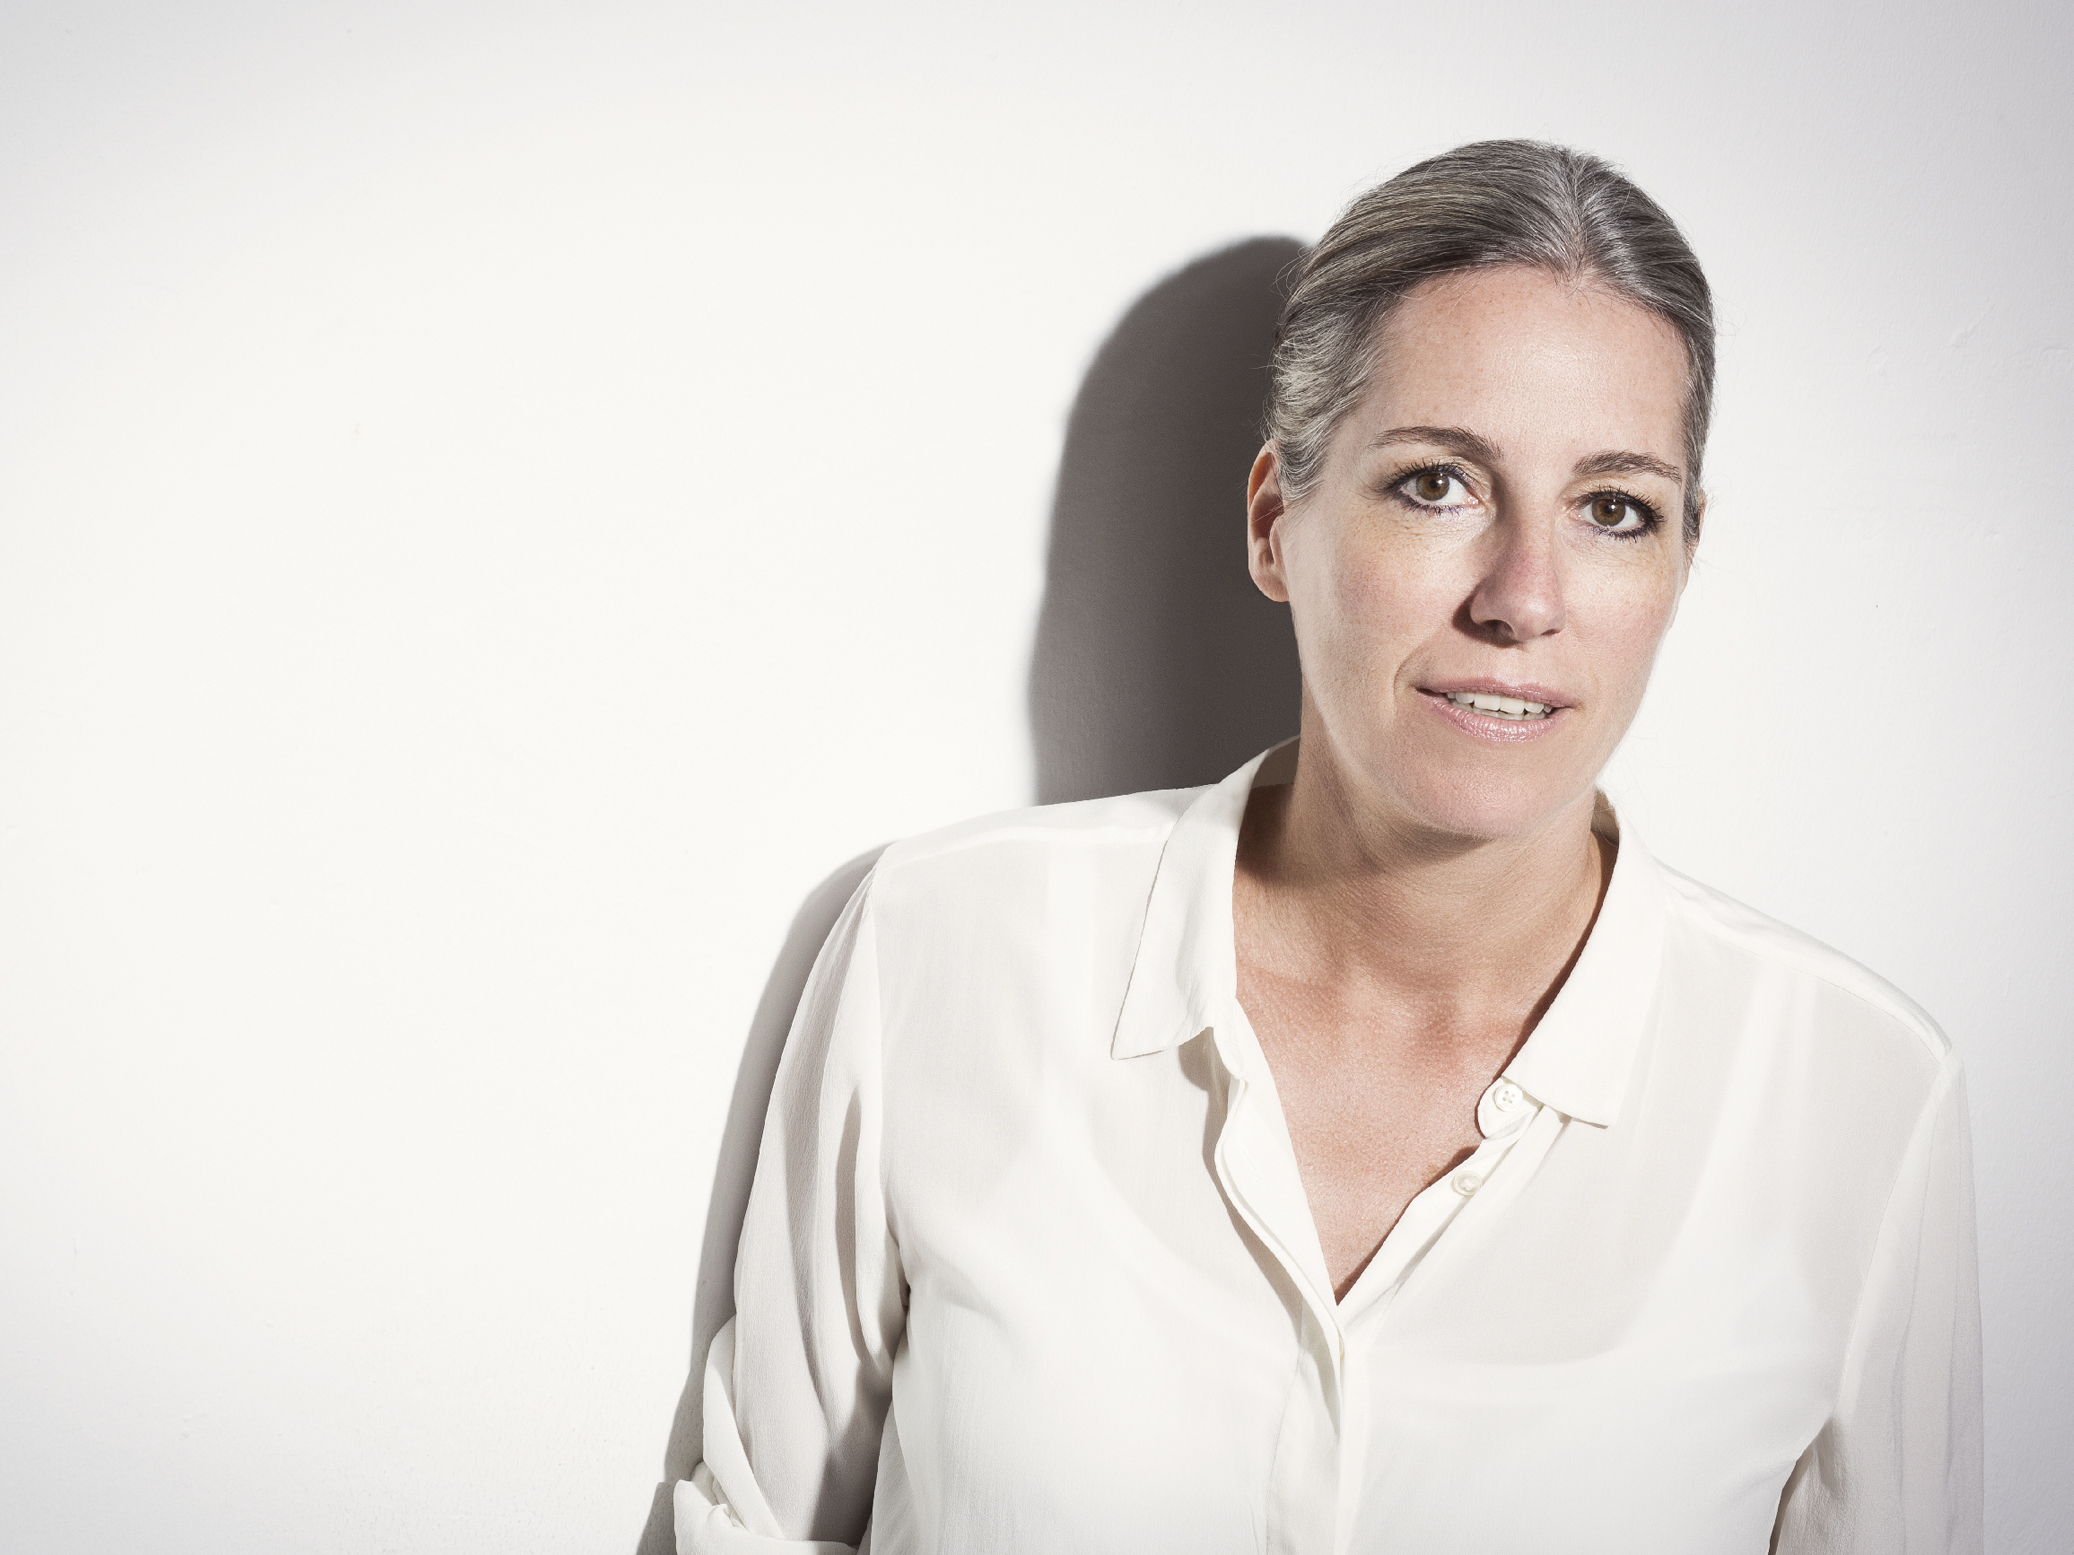 Silke-Gueldner-Coaching-Fotografie-Hamburg-Portrait